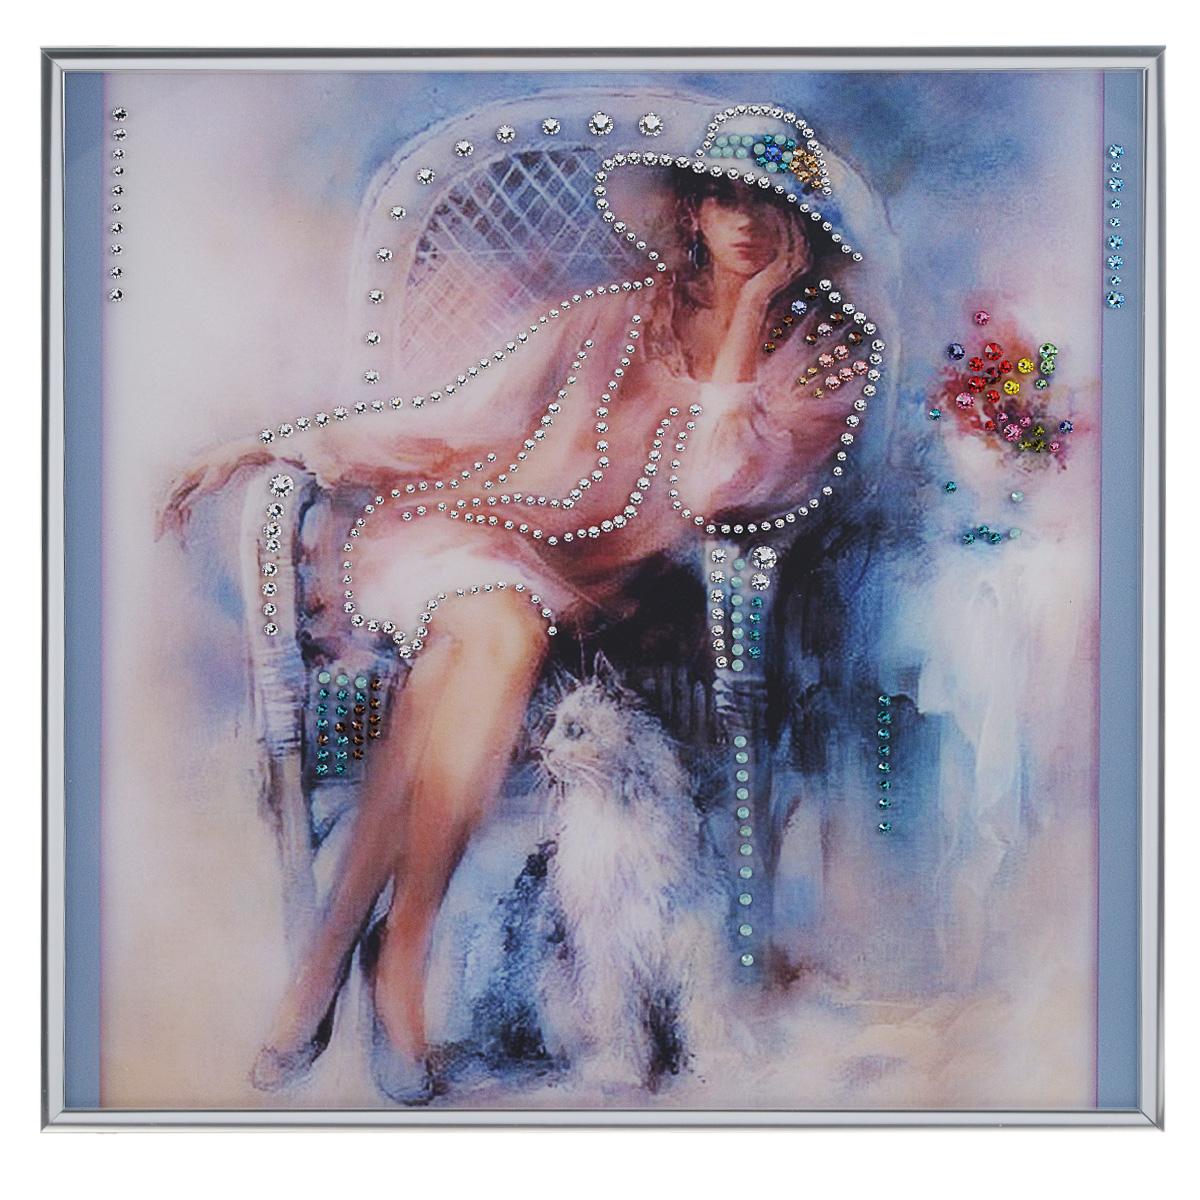 Картина с кристаллами Swarovski Незнакомка, 30 х 30 см1148Изящная картина в металлической раме, инкрустирована кристаллами Swarovski, которые отличаются четкой и ровной огранкой, ярким блеском и чистотой цвета. Красочное изображение девушки, расположенное под стеклом, прекрасно дополняет блеск кристаллов. С обратной стороны имеется металлическая петелька для размещения картины на стене.Картина с кристаллами Swarovski Незнакомка элегантно украсит интерьер дома или офиса, а также станет прекрасным подарком, который обязательно понравится получателю. Блеск кристаллов в интерьере, что может быть сказочнее и удивительнее. Картина упакована в подарочную картонную коробку синего цвета и комплектуется сертификатом соответствия Swarovski.